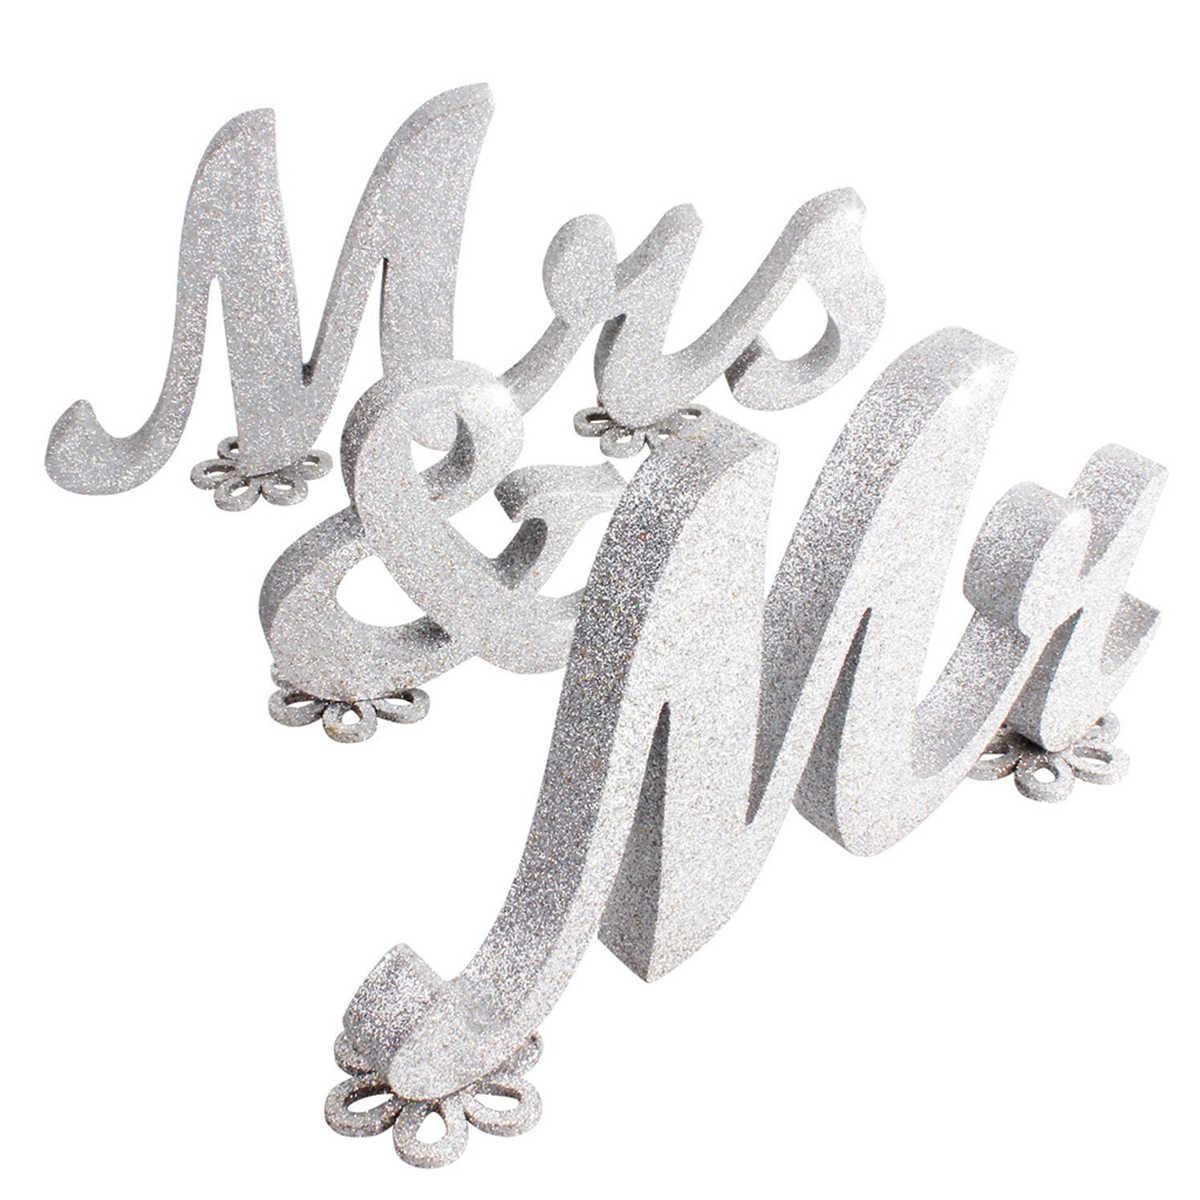 Lấp Lánh Mr & Mrs Chữ Cái Bằng Gỗ Ký Quà cưới cho Đám Cưới Trang Trí (Bạc)